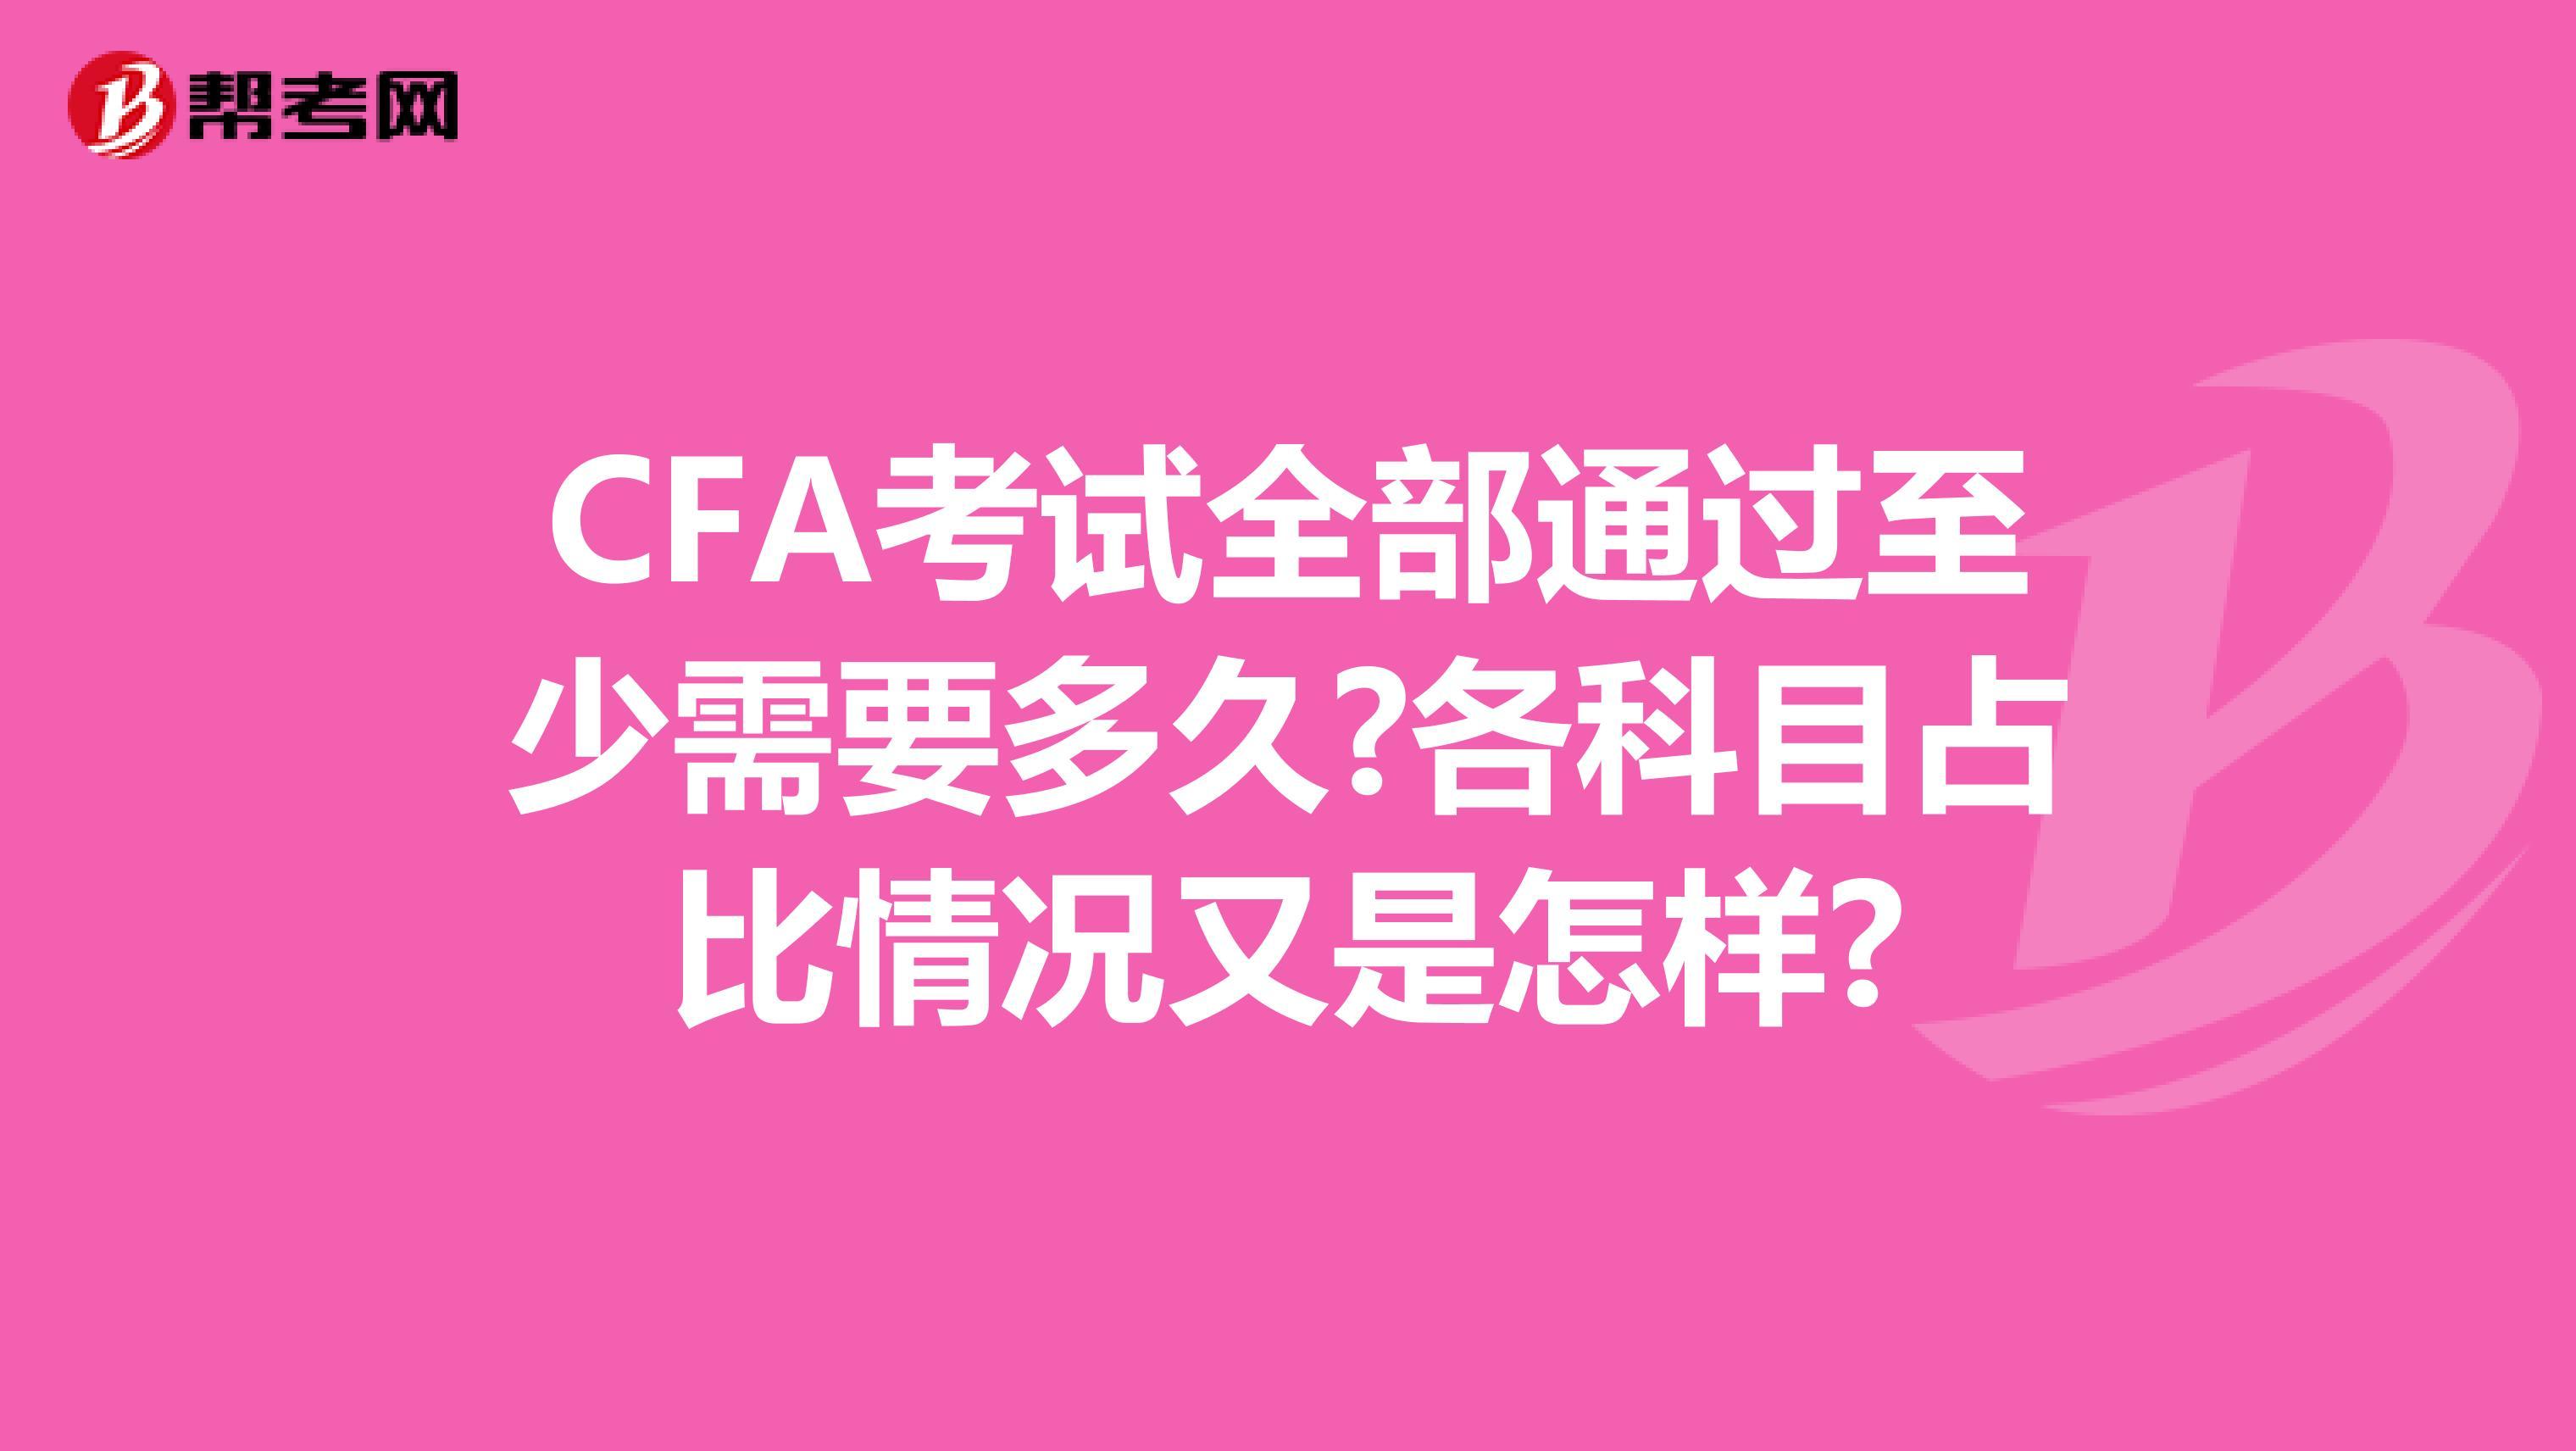 CFA考试全部通过至少需要多久?各科目占比情况又是怎样?